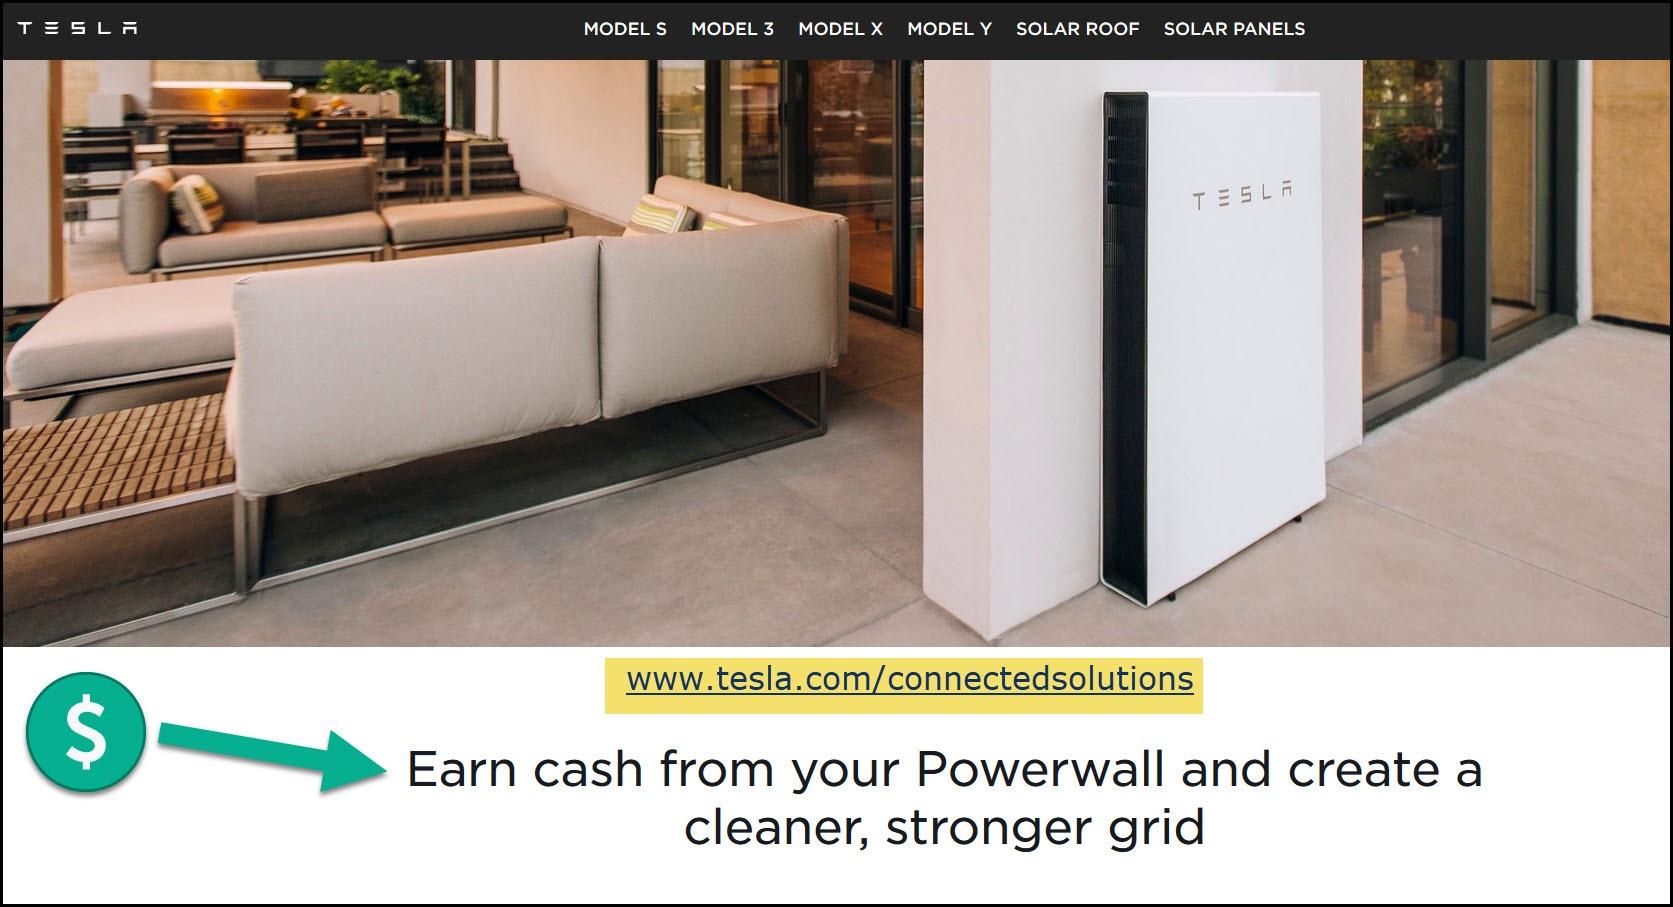 Tesla Earn Cash From Powerwall